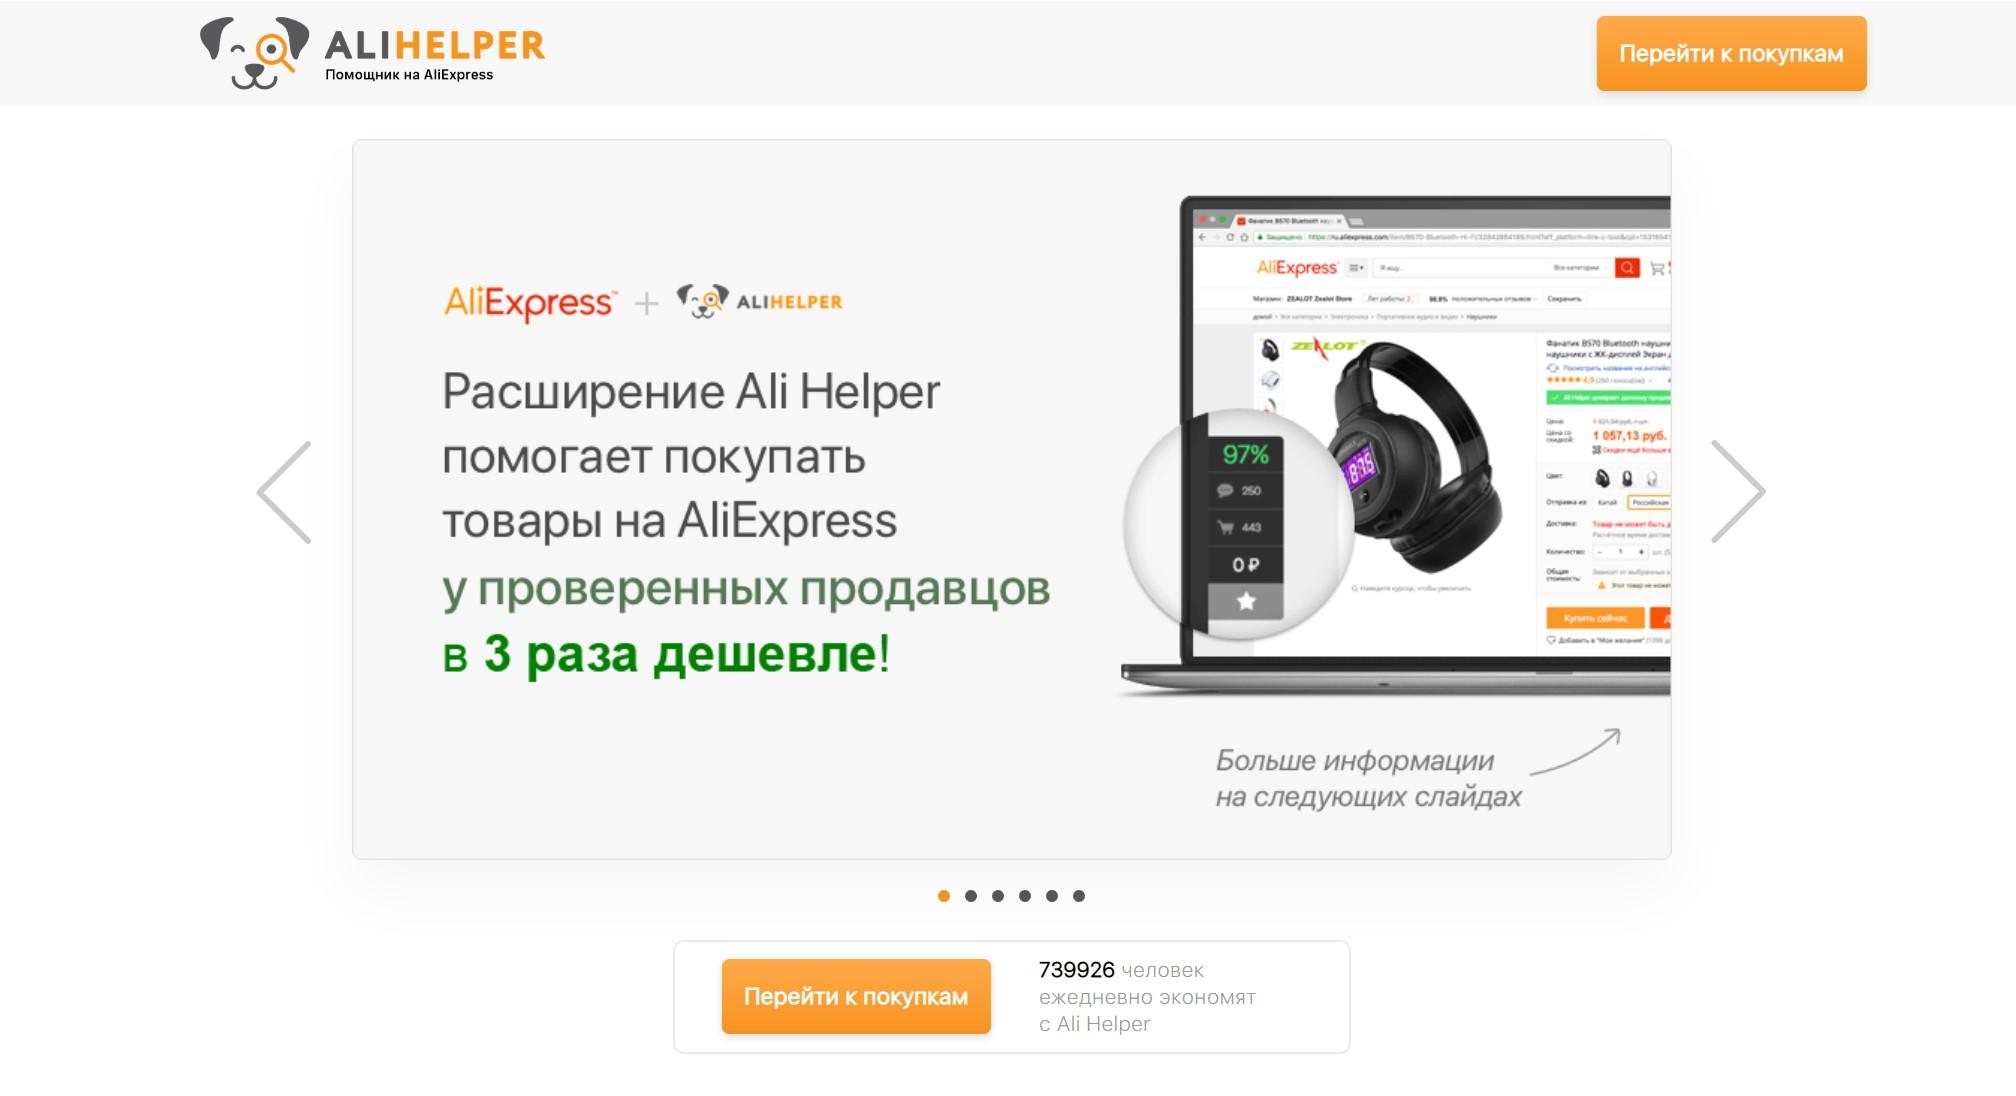 алихелпер - помощник для покупок и отслеживания посылок